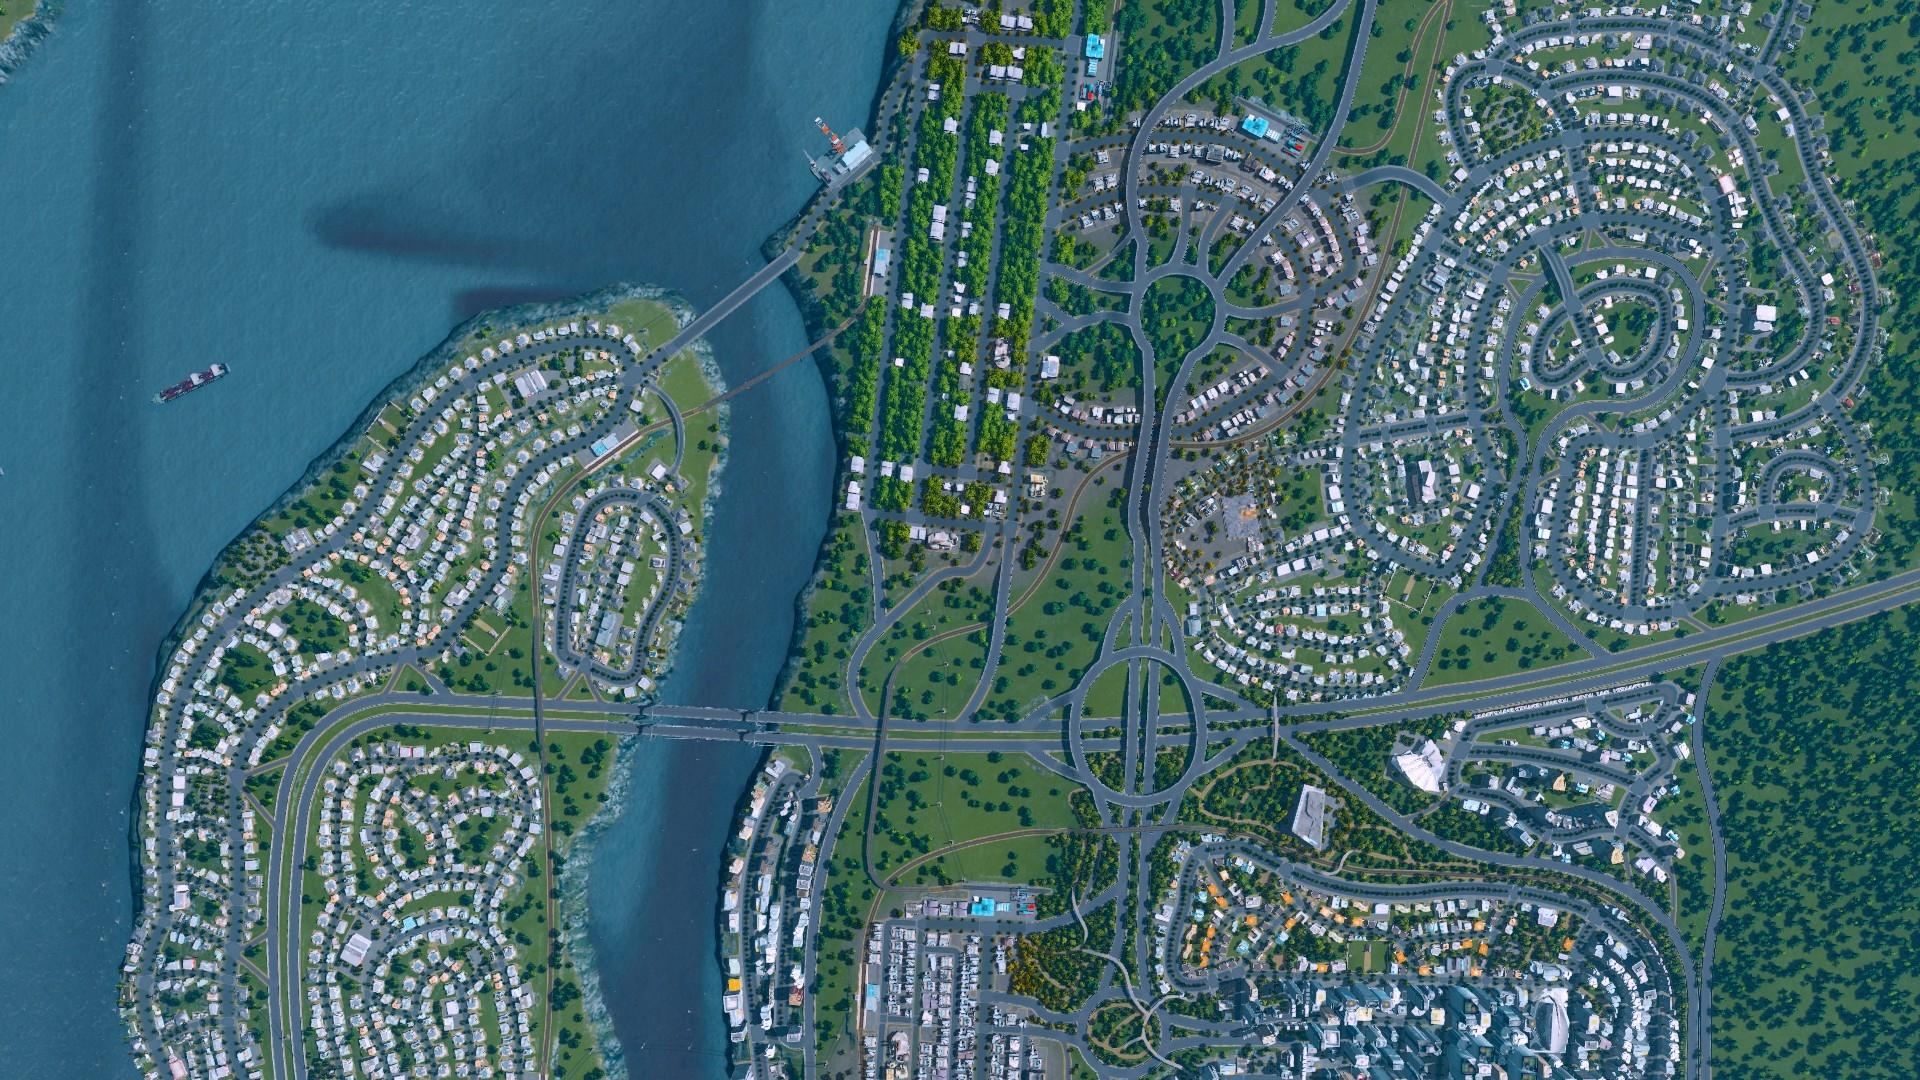 Градостроительный симулятор Cities: Skylines стал бесплатным до 11 ноября